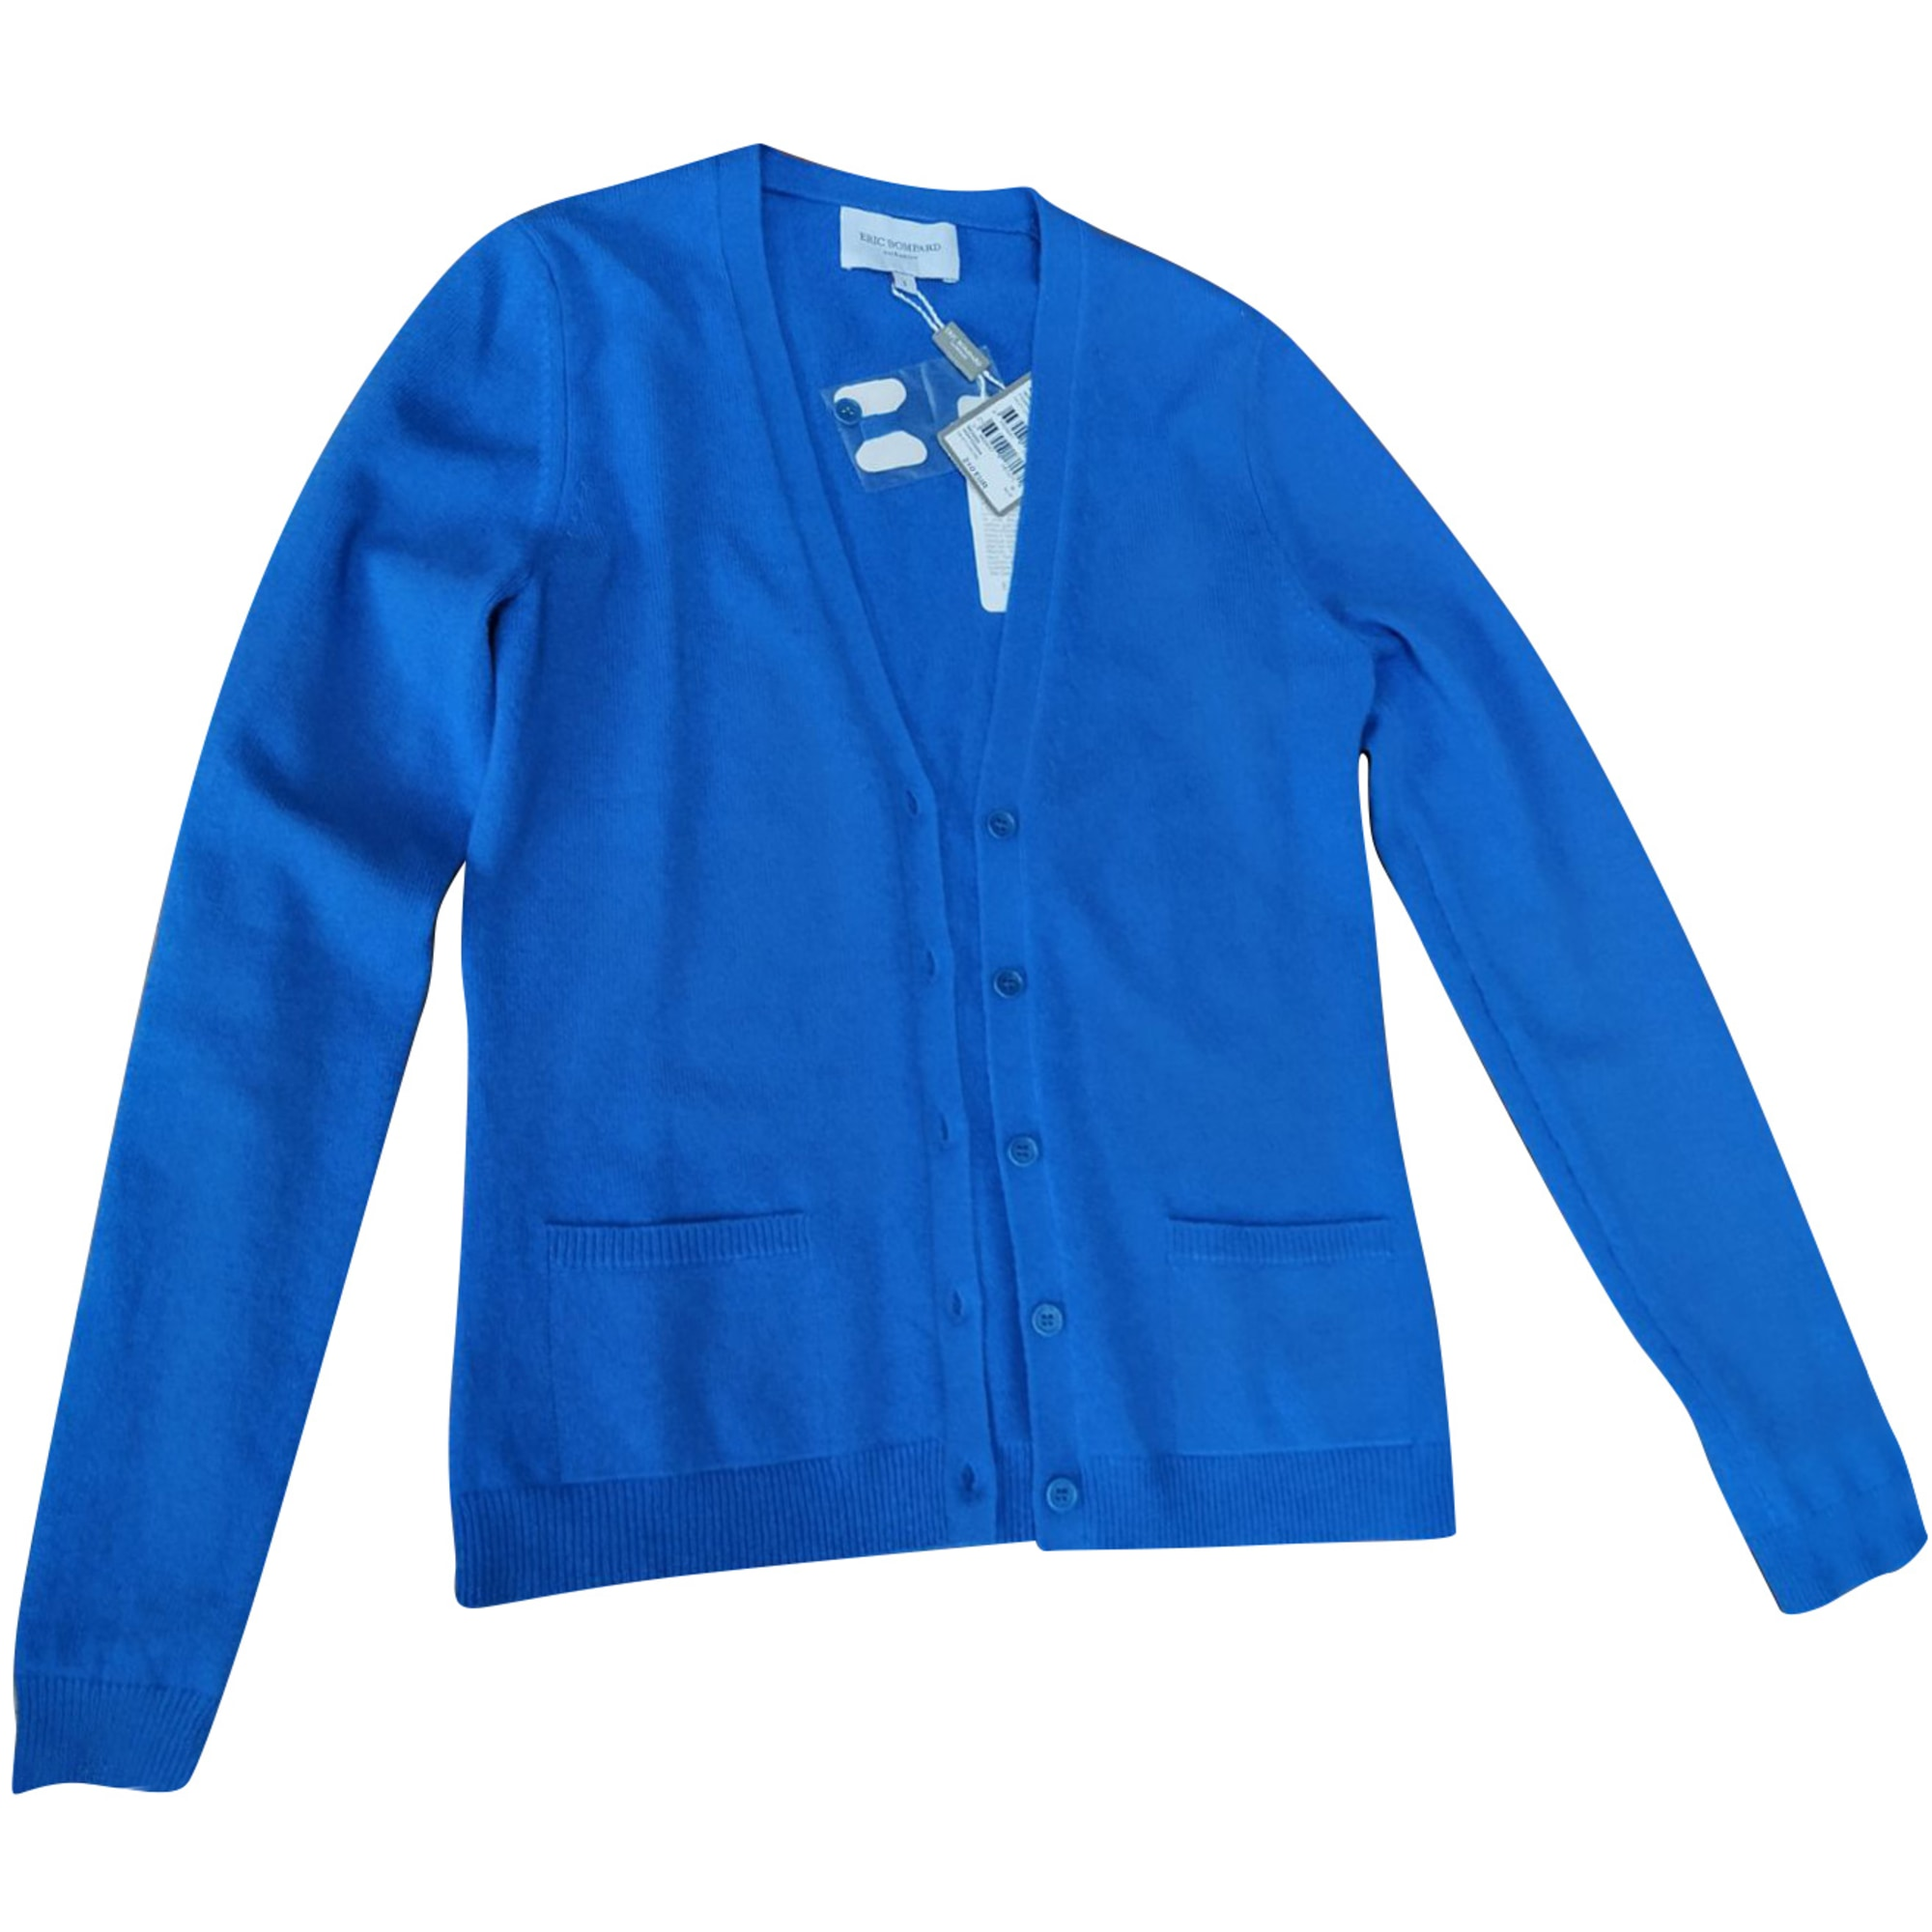 Gilet, cardigan ERIC BOMPARD Bleu, bleu marine, bleu turquoise